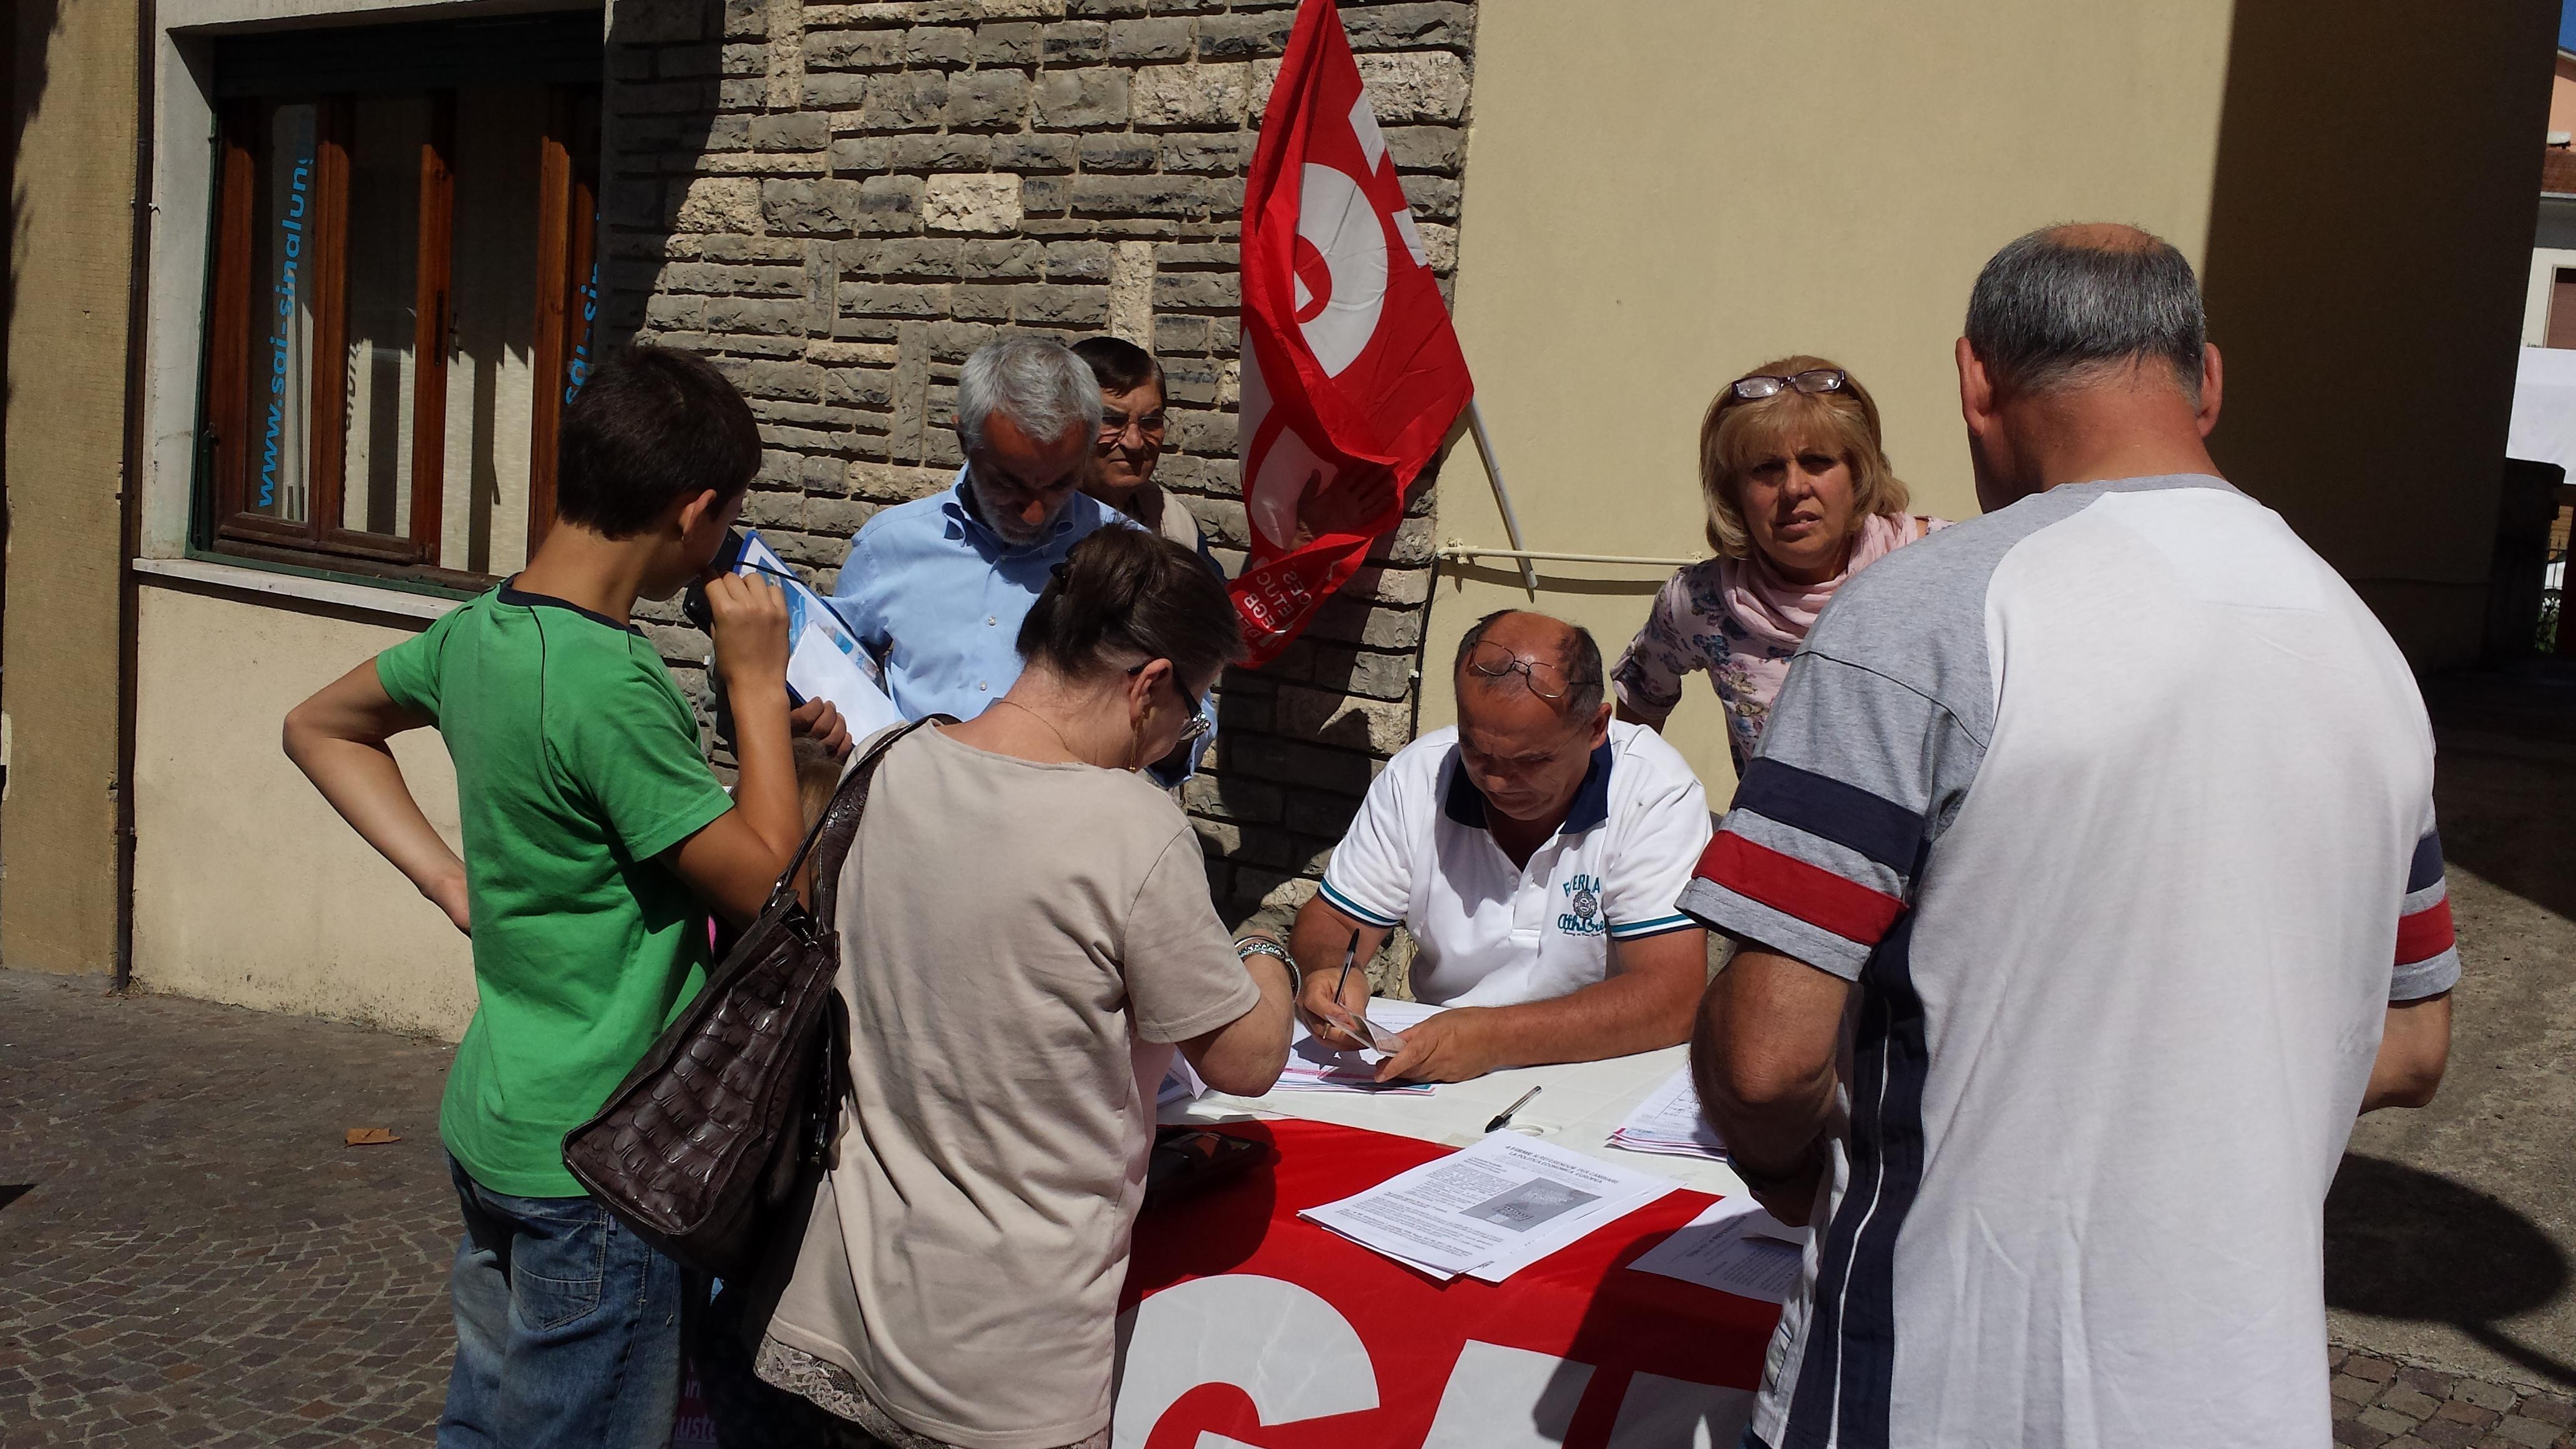 No austerità, Sì all'Europa del lavoro, nasce il comitato referendario in Valdichiana